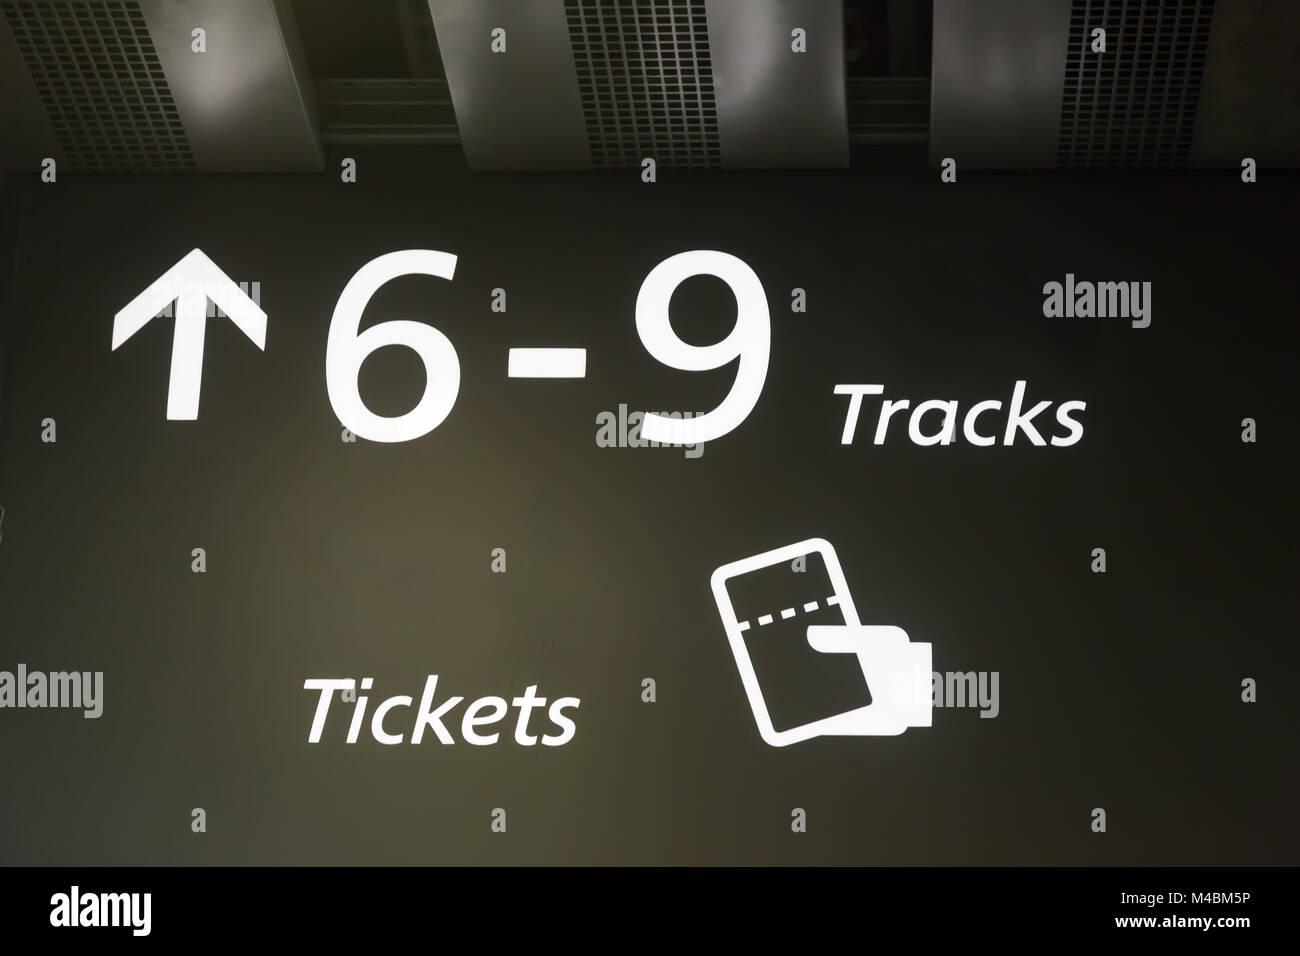 Das Signal, das auf die Züge am Bahnhof. Stockbild